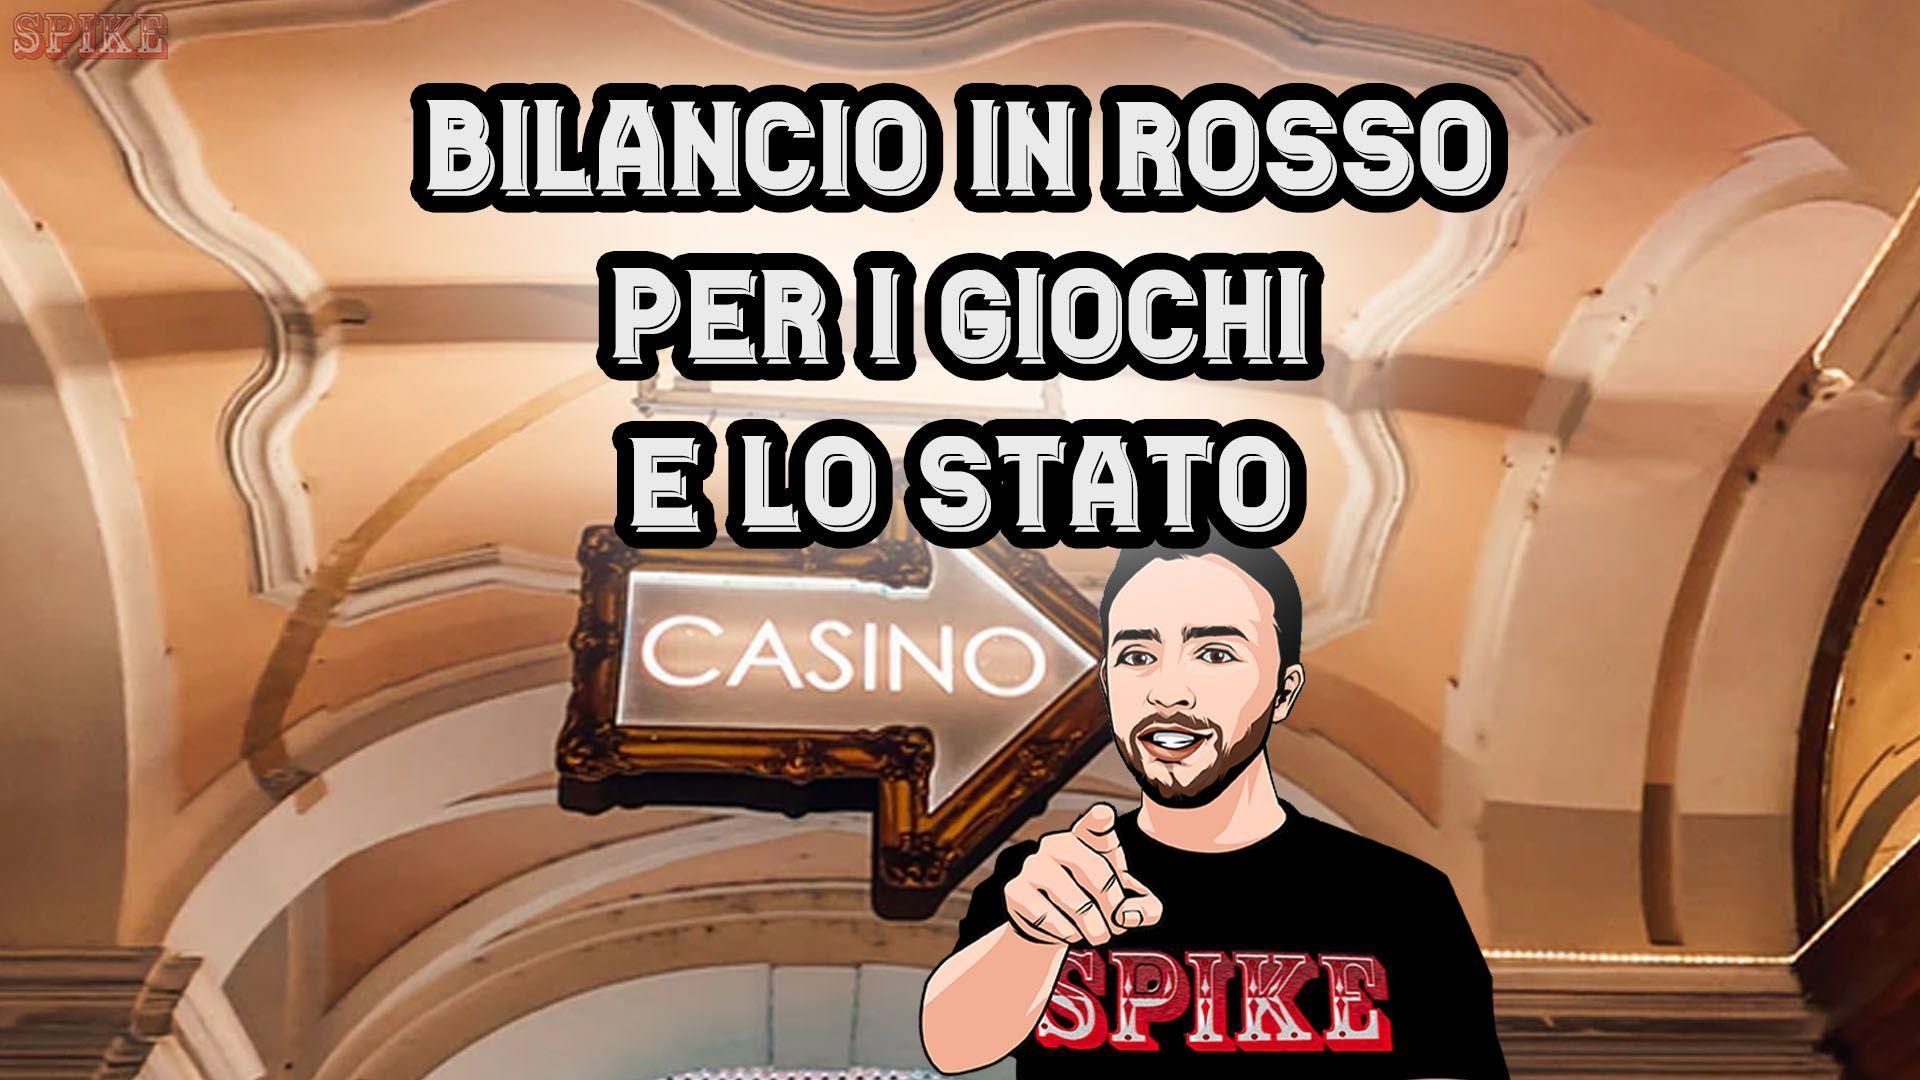 Giochi Online e Casinò Online, Casino Tradizionali Bilancio Negativo per i Conti dello Stato Card